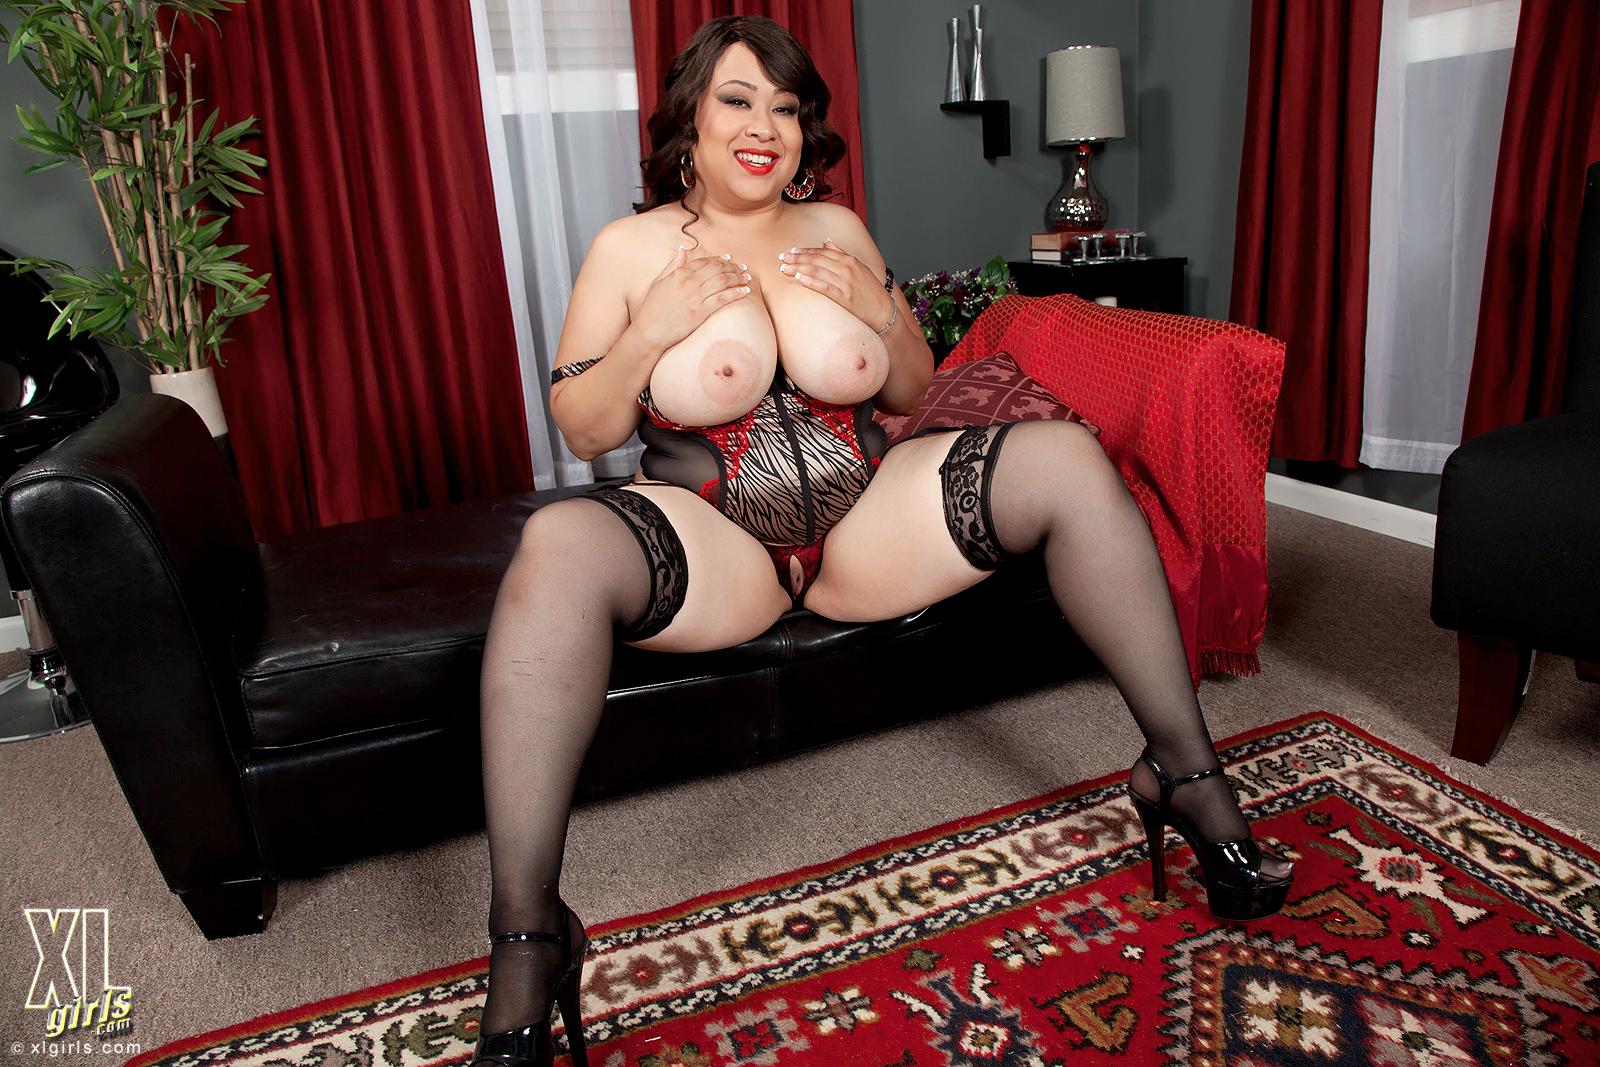 Секс с красивыми толстушками в чулках, Порно с толстыми женщинами. Смотреть секс 21 фотография